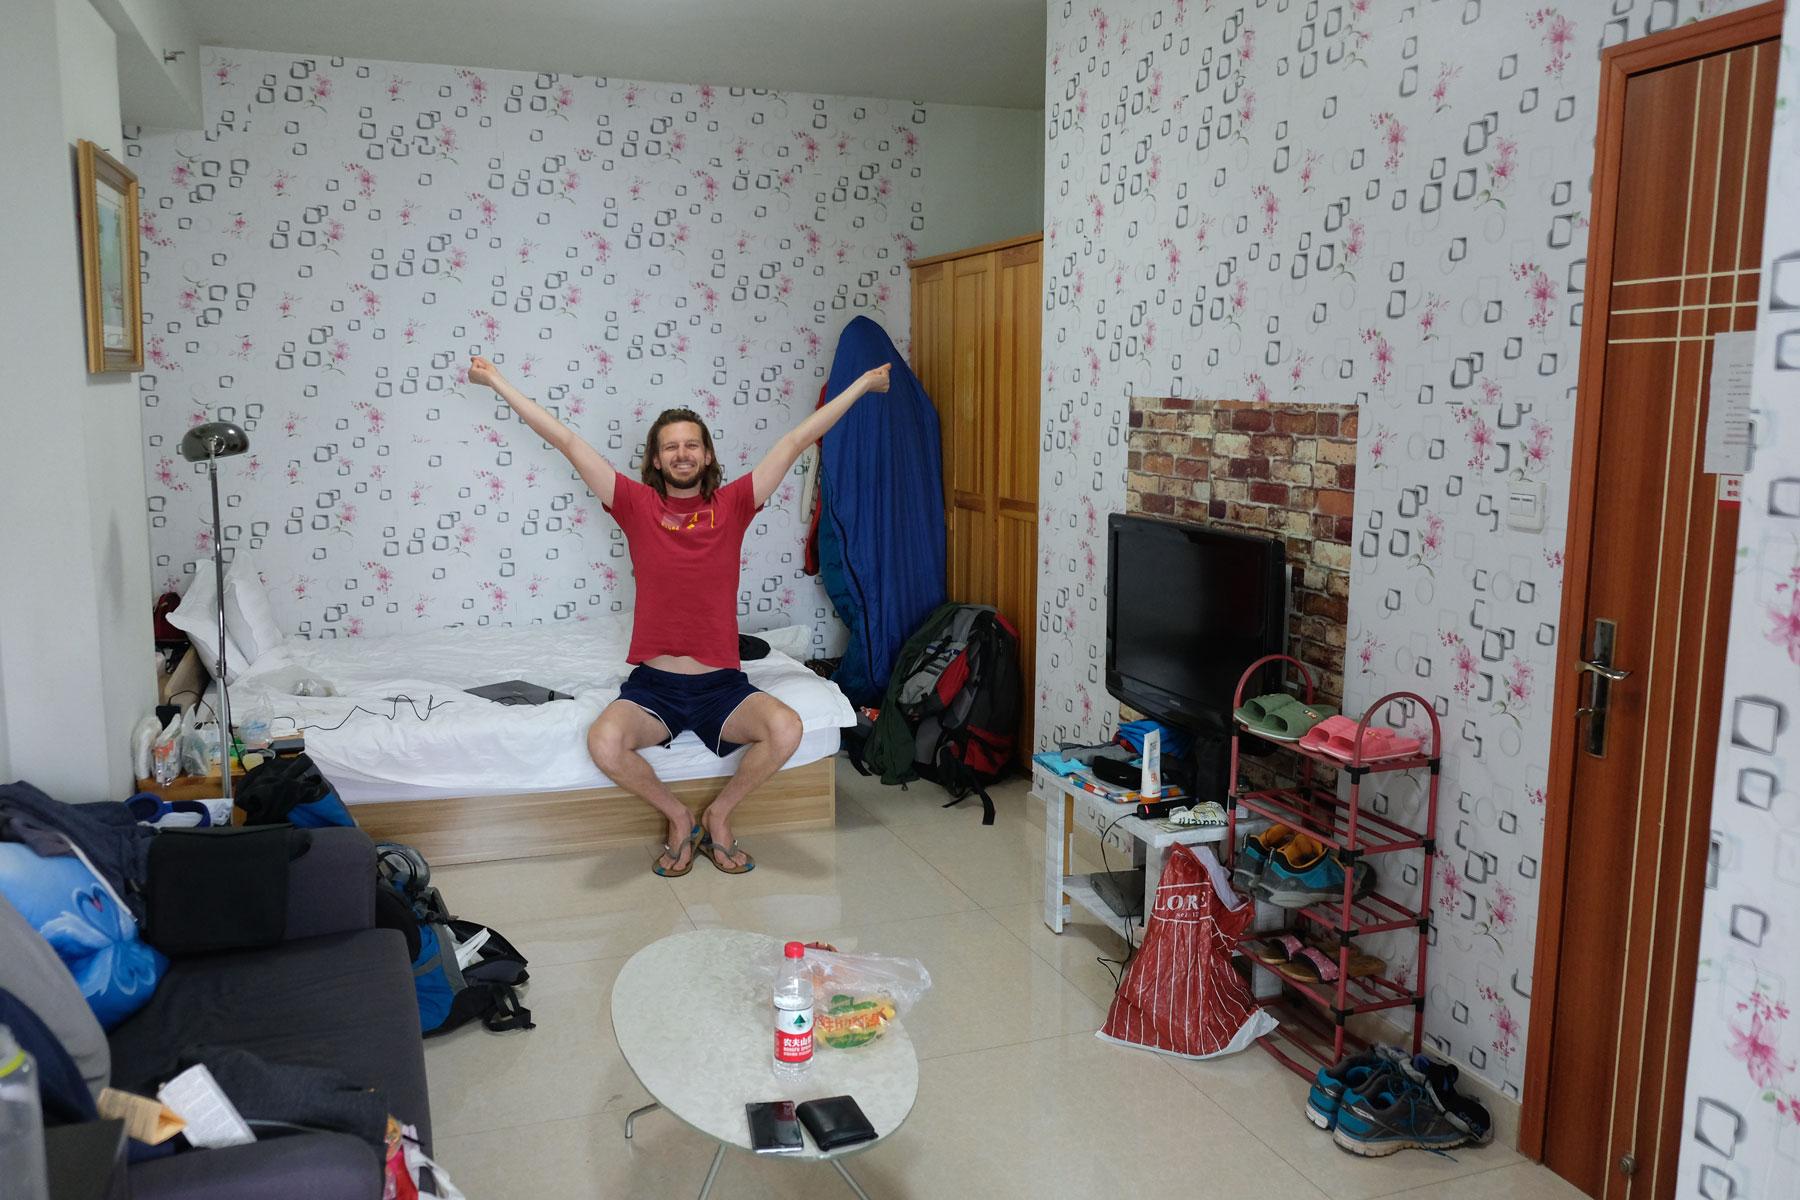 Sebastian streckt sich in einer gemieteten Wohnung in Chengdu.